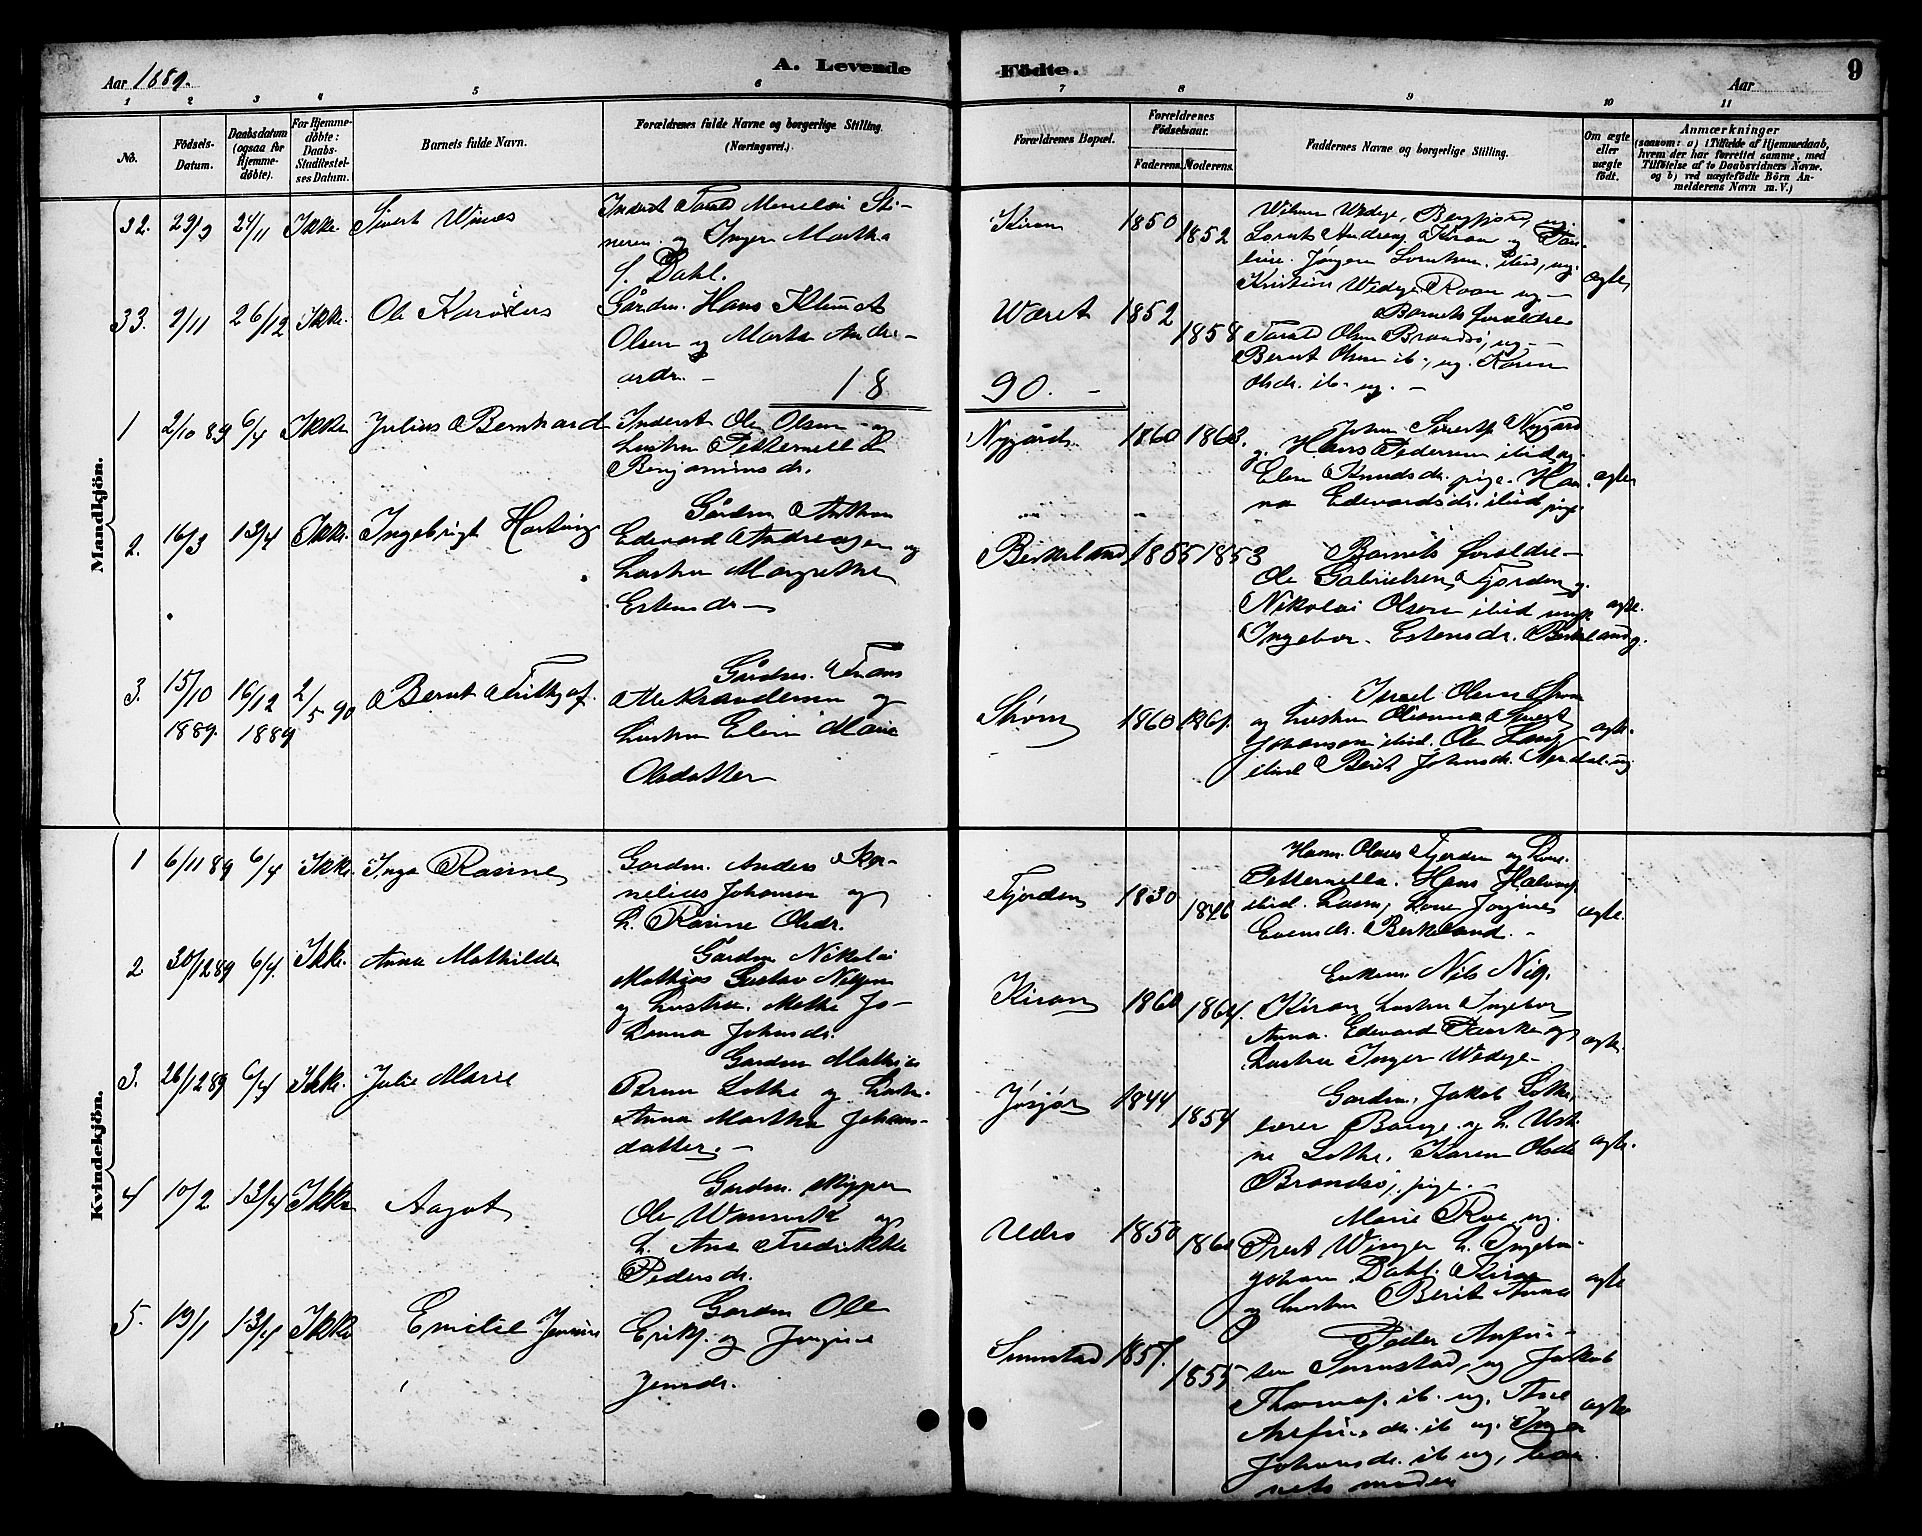 SAT, Ministerialprotokoller, klokkerbøker og fødselsregistre - Sør-Trøndelag, 657/L0716: Klokkerbok nr. 657C03, 1889-1904, s. 9